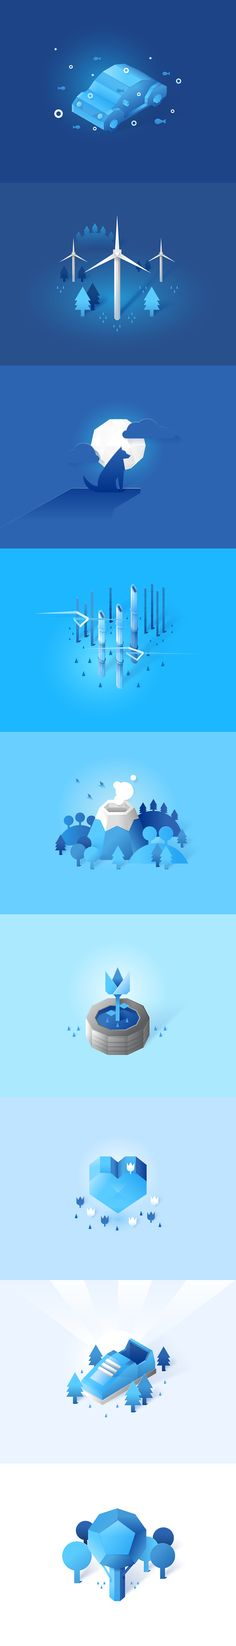 https://www.behance.net/gallery/20632627/VW-Think-Blue-Mxico-